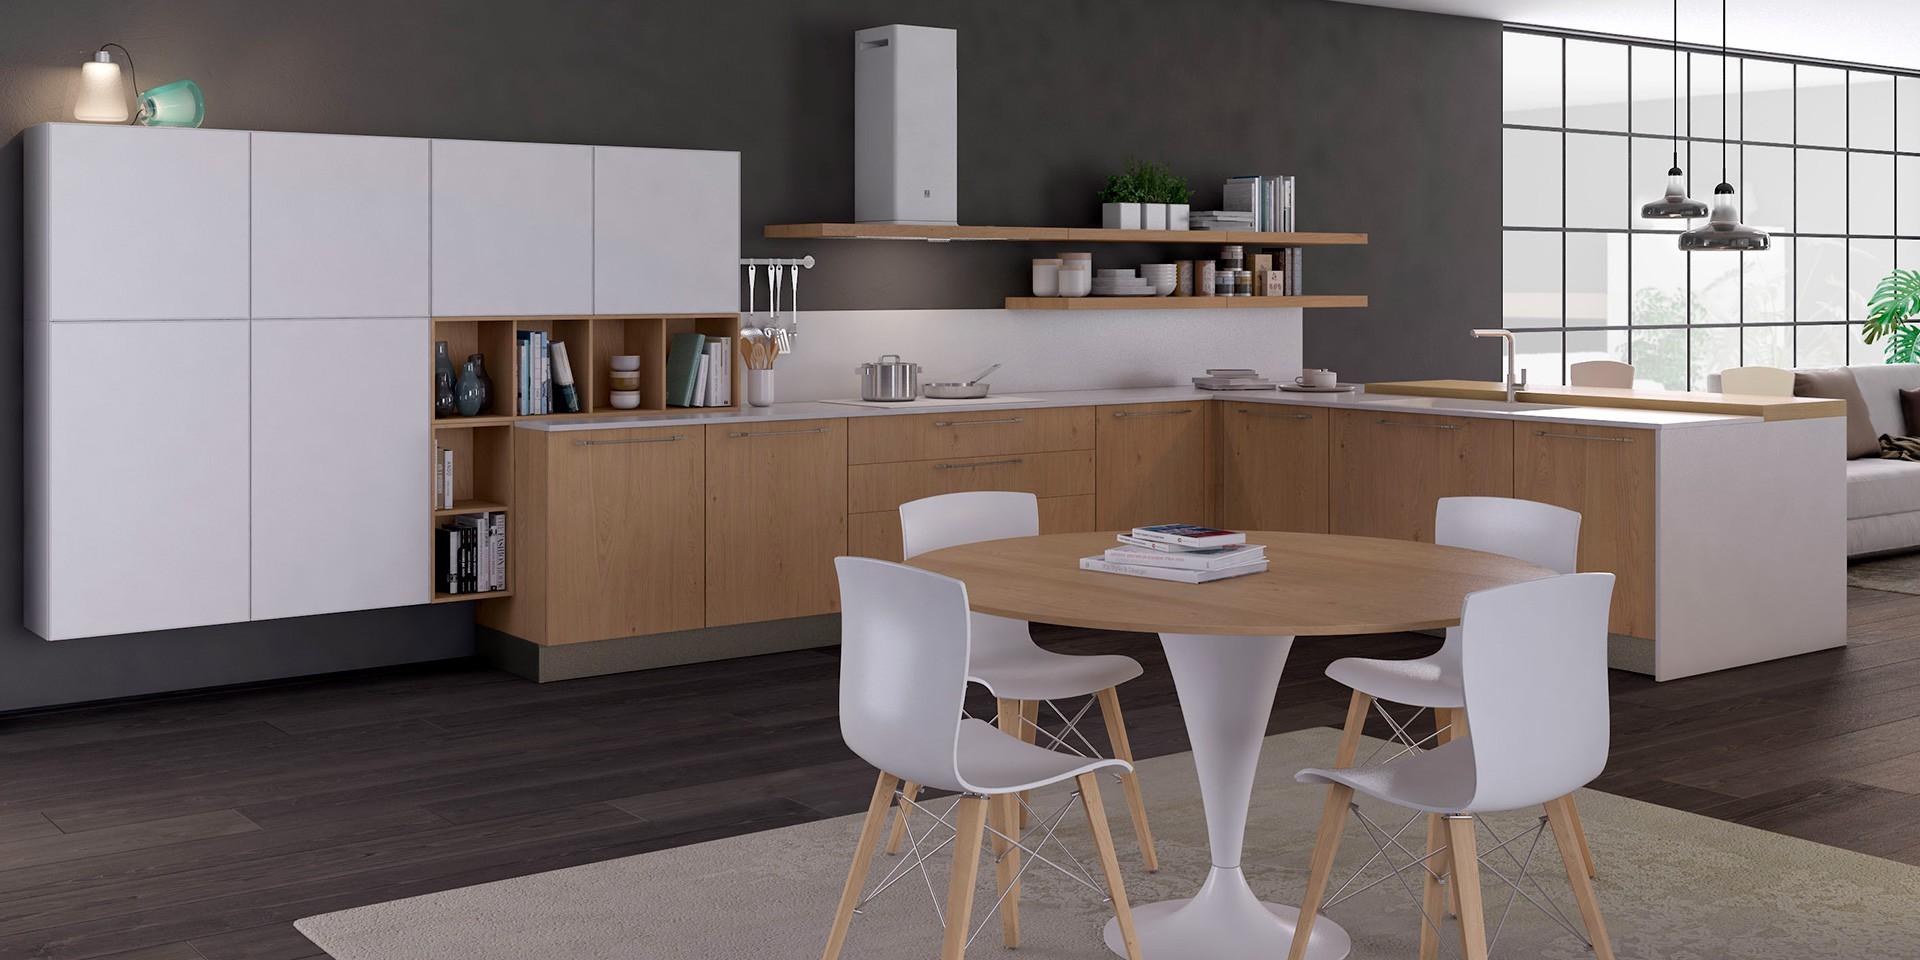 Kuchnia Clover Bridge - połączenie drewna z bielą. Fot. Lube